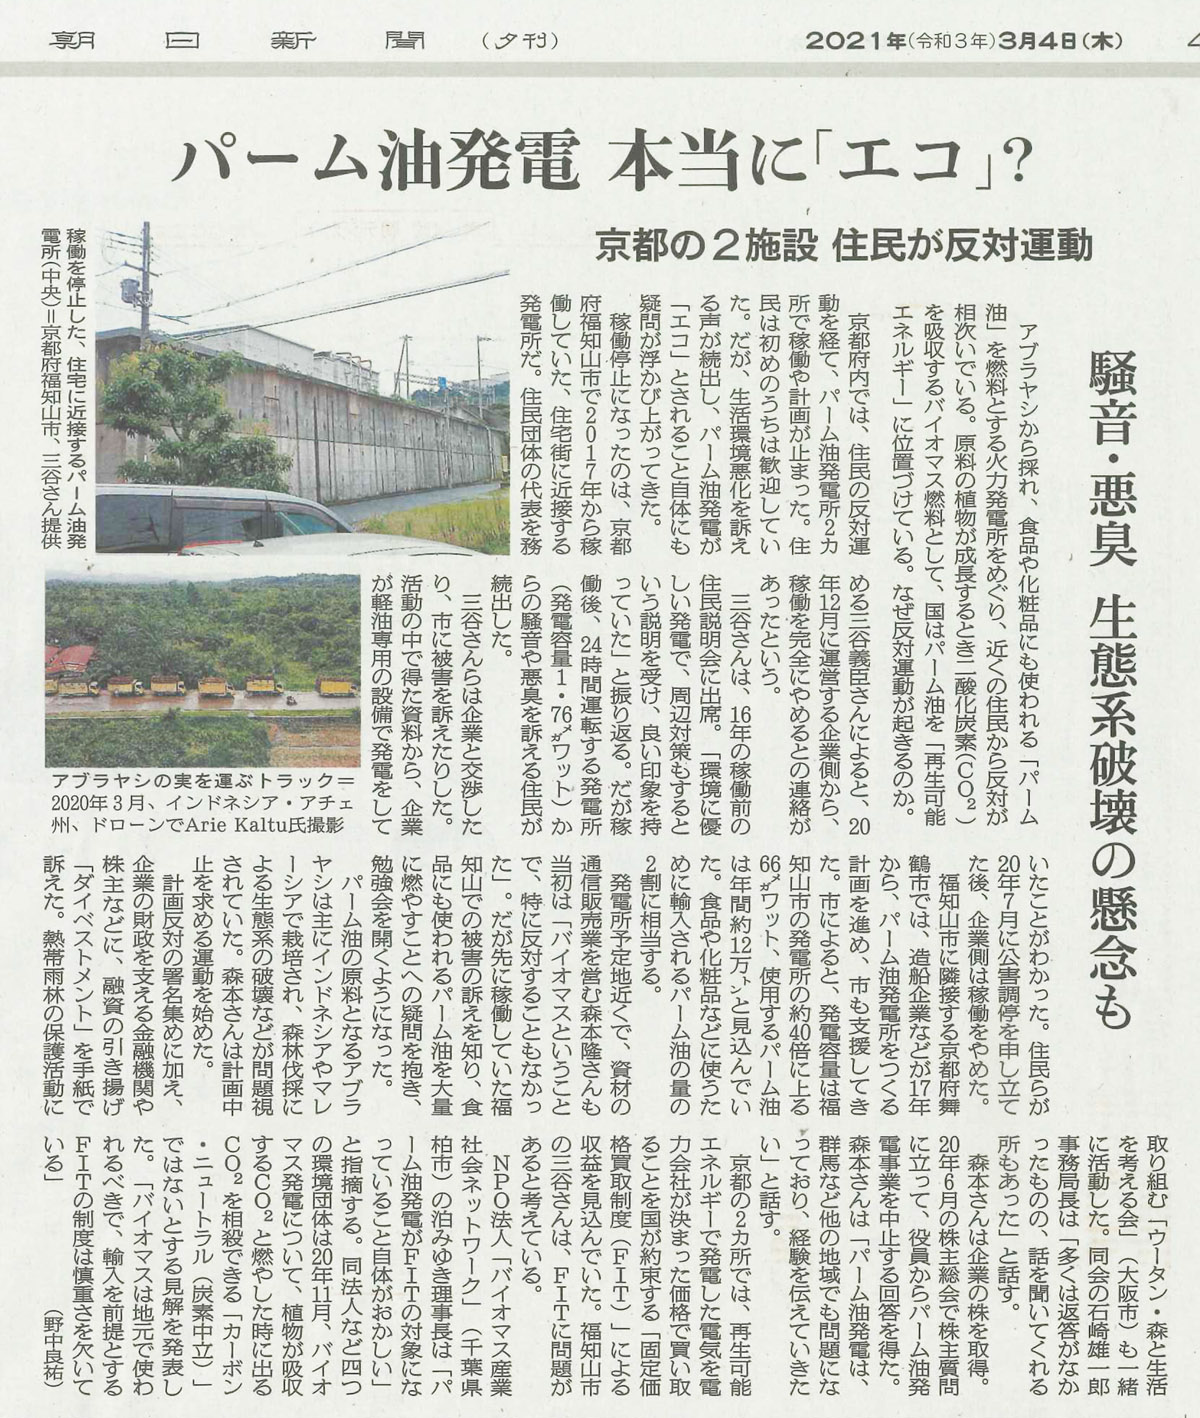 朝日新聞(夕刊)2021年3月4日(木)私達の活動が報道されました。